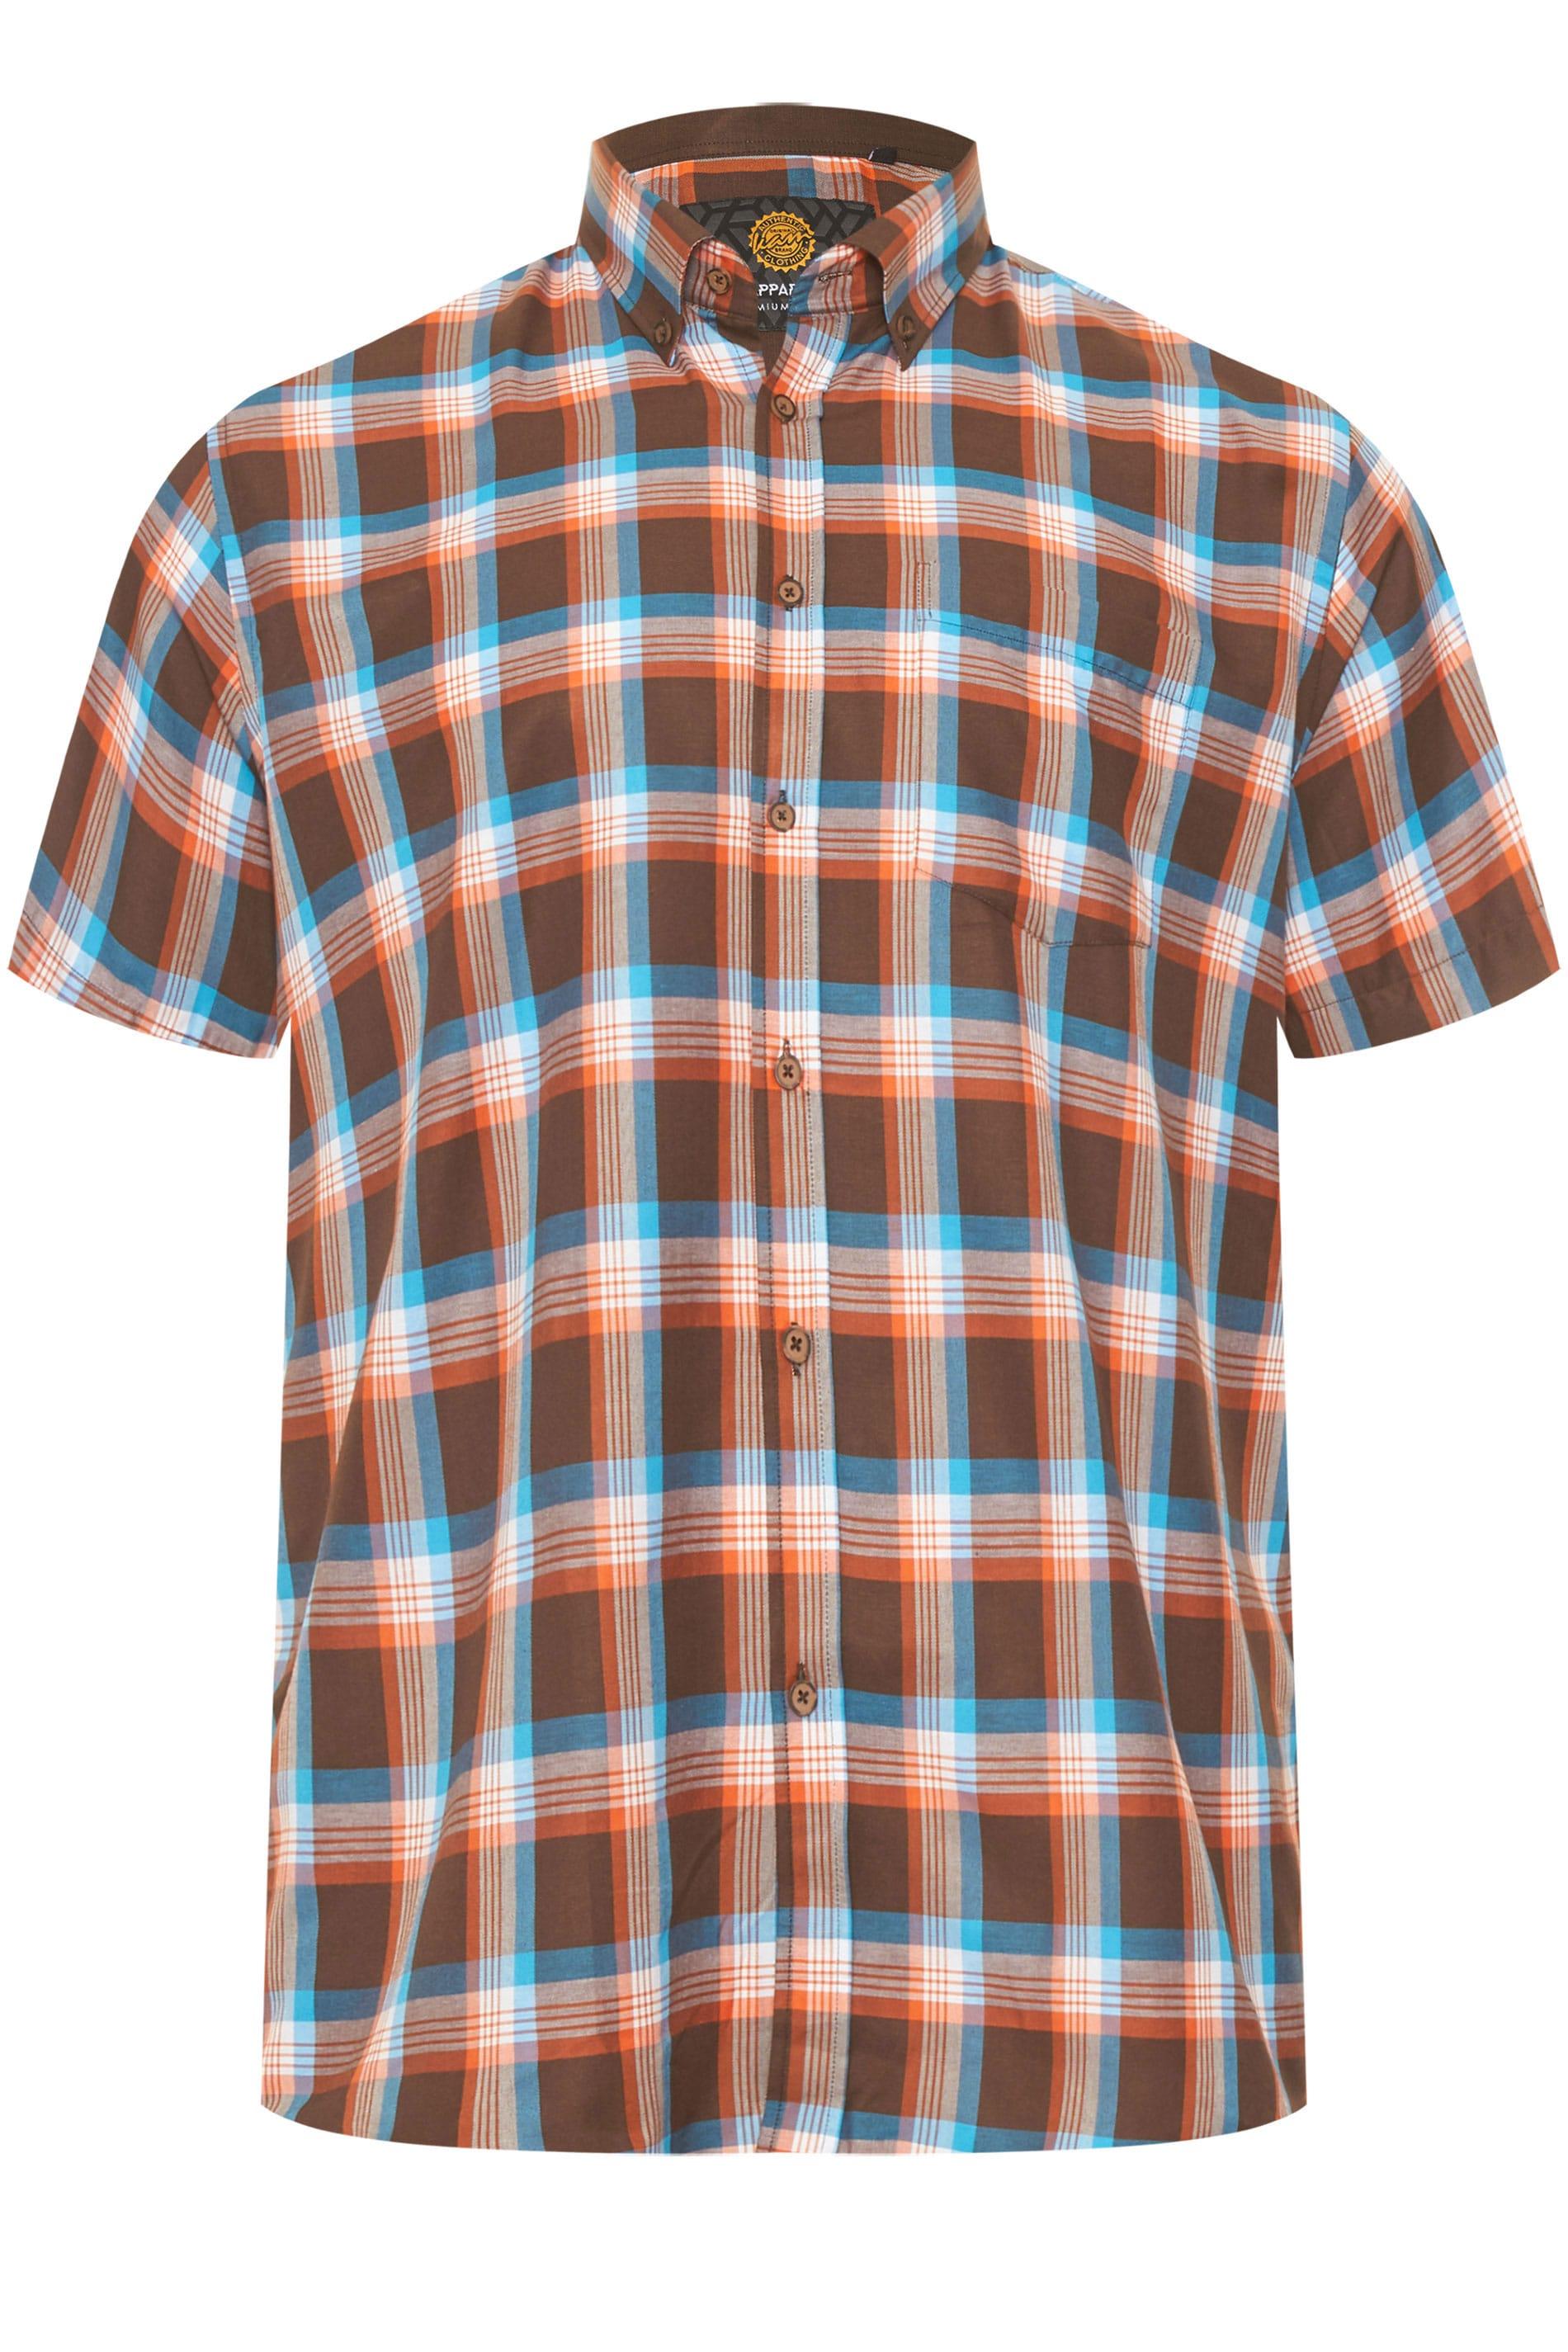 KAM Rust Check Premium Shirt